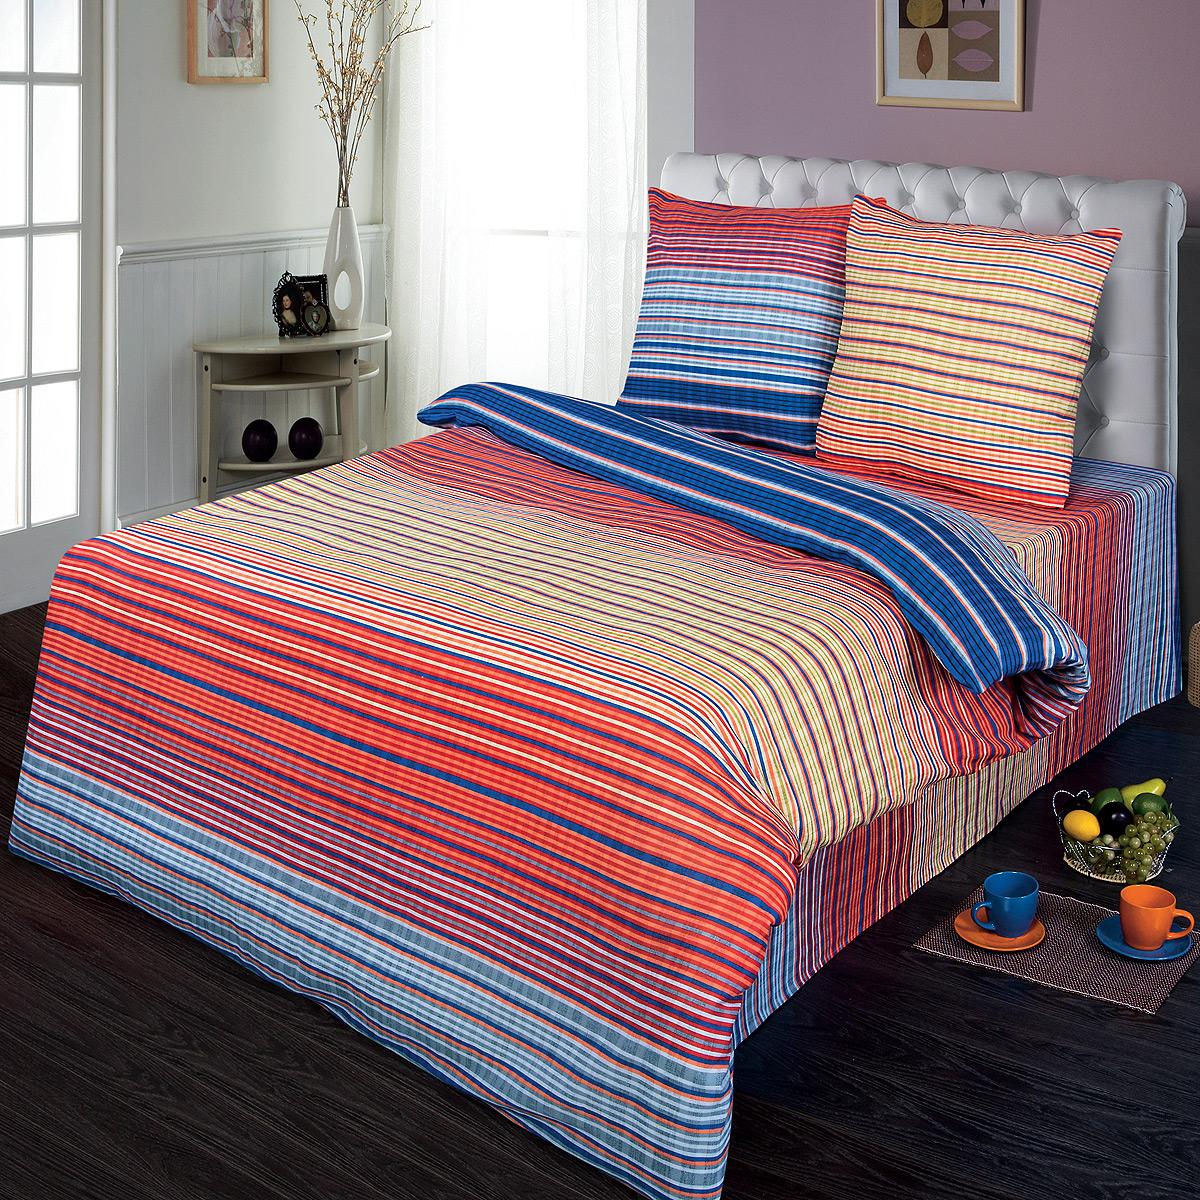 Комплект белья Шоколад Кавалер, 2-спальный, наволочки 70x70. Б10410503Комплект постельного белья Шоколад Кавалер является экологически безопасным для всей семьи, так как выполнен из натурального хлопка. Комплект состоит из пододеяльника, простыни и двух наволочек. Постельное белье оформлено оригинальным рисунком и имеет изысканный внешний вид.Бязь - это ткань полотняного переплетения, изготовленная из экологически чистого и натурального 100% хлопка. Она прочная, мягкая, обладает низкой сминаемостью, легко стирается и хорошо гладится. Бязь прекрасно пропускает воздух и за ней легко ухаживать. При соблюдении рекомендуемых условий стирки, сушки и глажения ткань имеет усадку по ГОСТу, сохранятся яркость текстильных рисунков. Приобретая комплект постельного белья Шоколад Кавалер, вы можете быть уверены в том, что покупка доставит вам и вашим близким удовольствие иподарит максимальный комфорт.